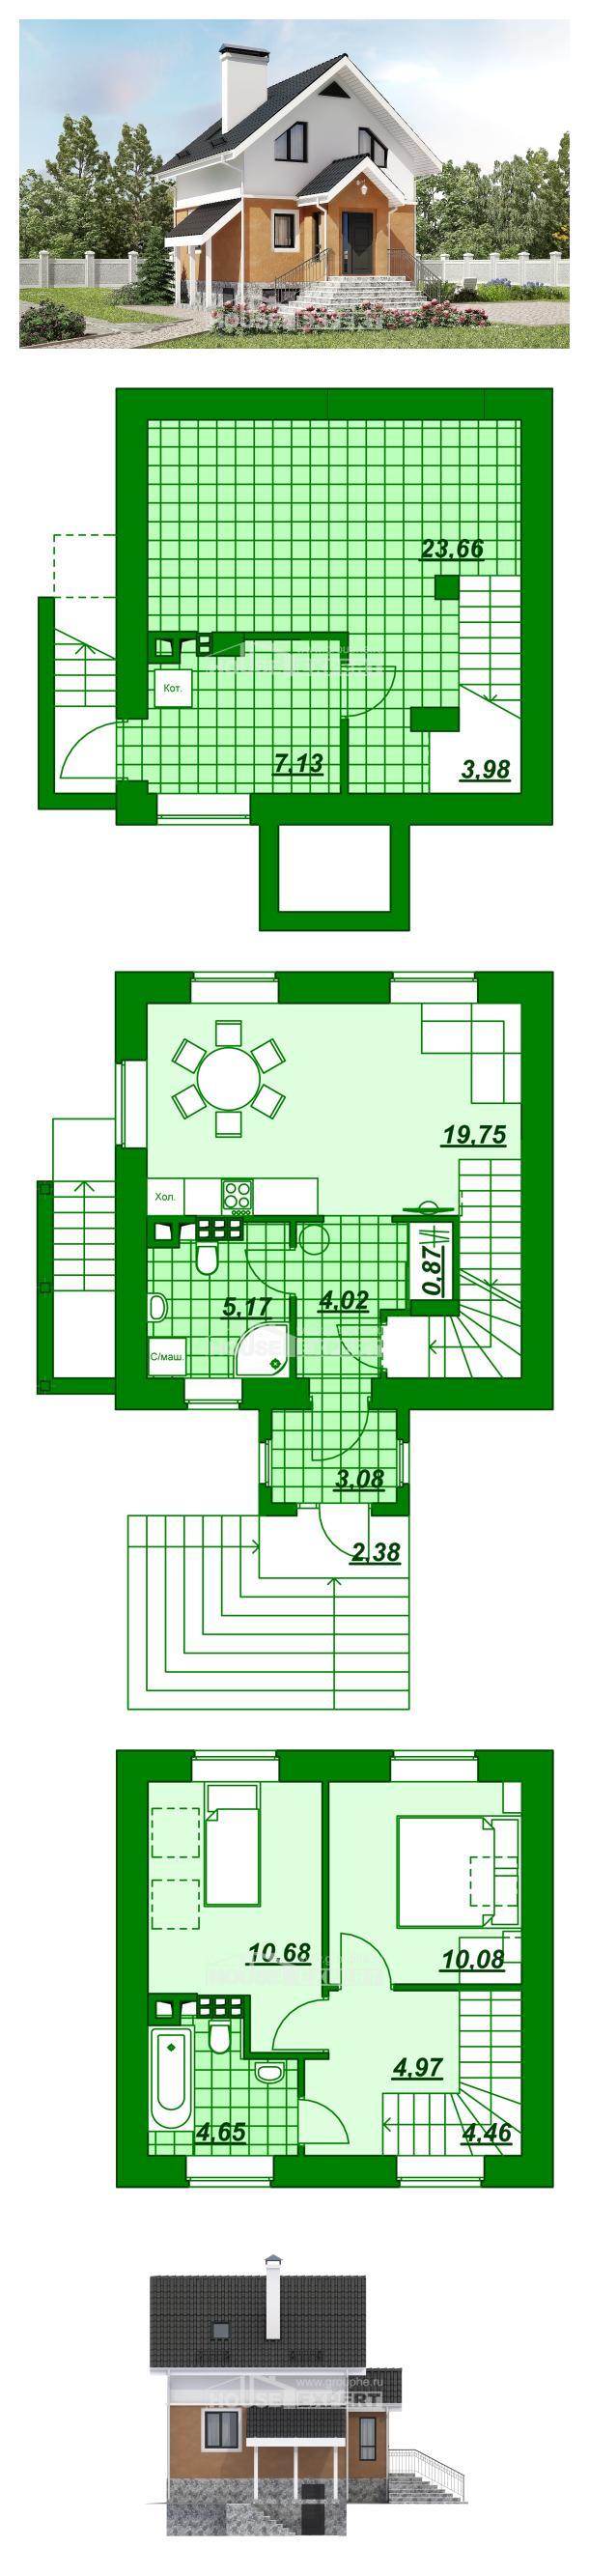 Plan 100-005-L | House Expert